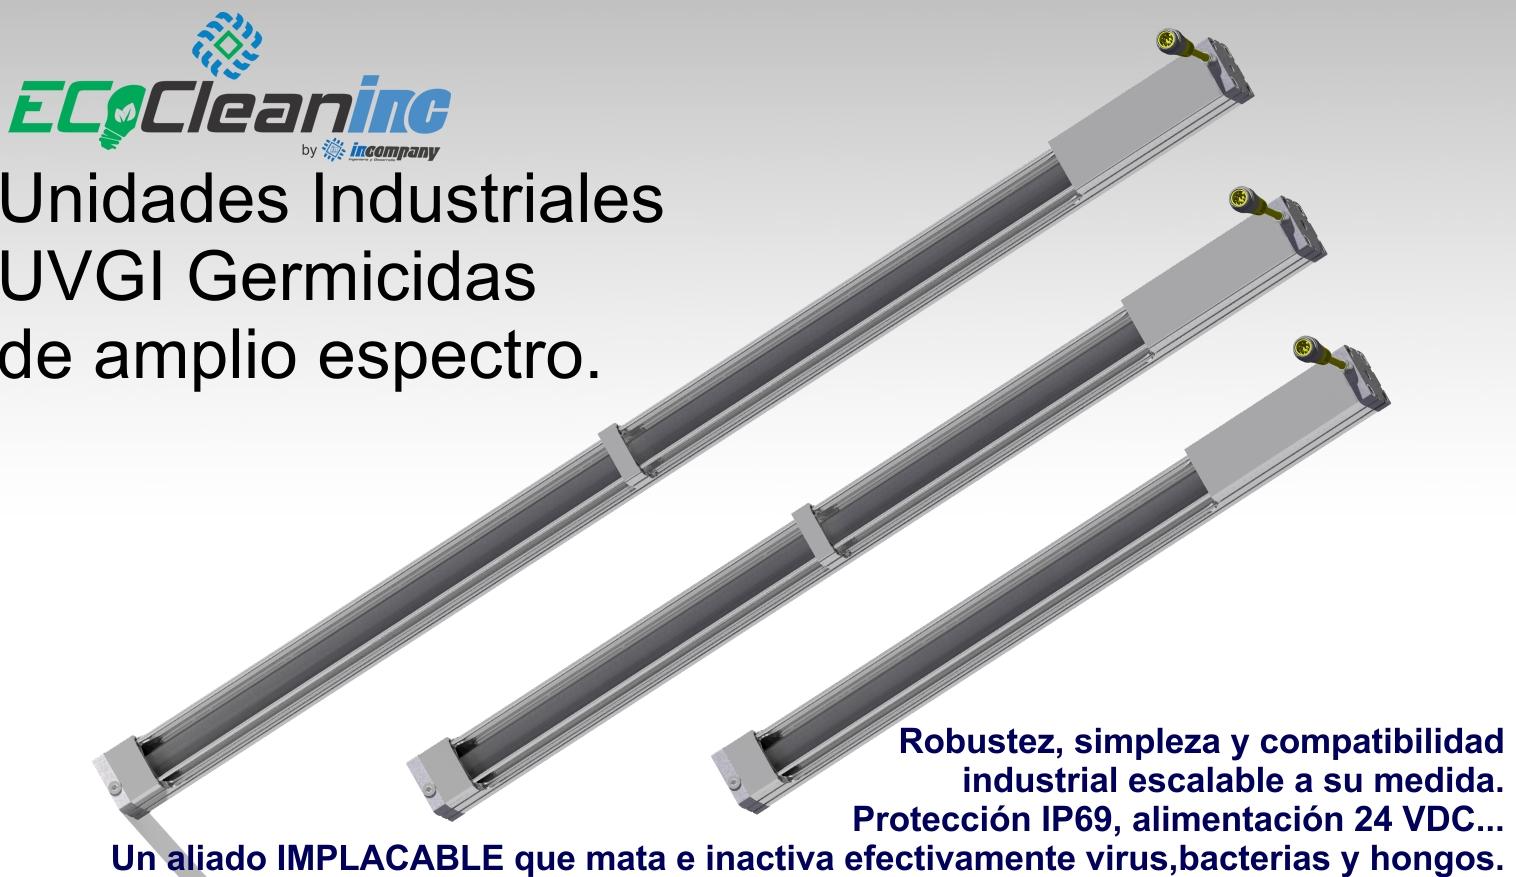 Eco CleanINC Product Range V2.0 290620 web